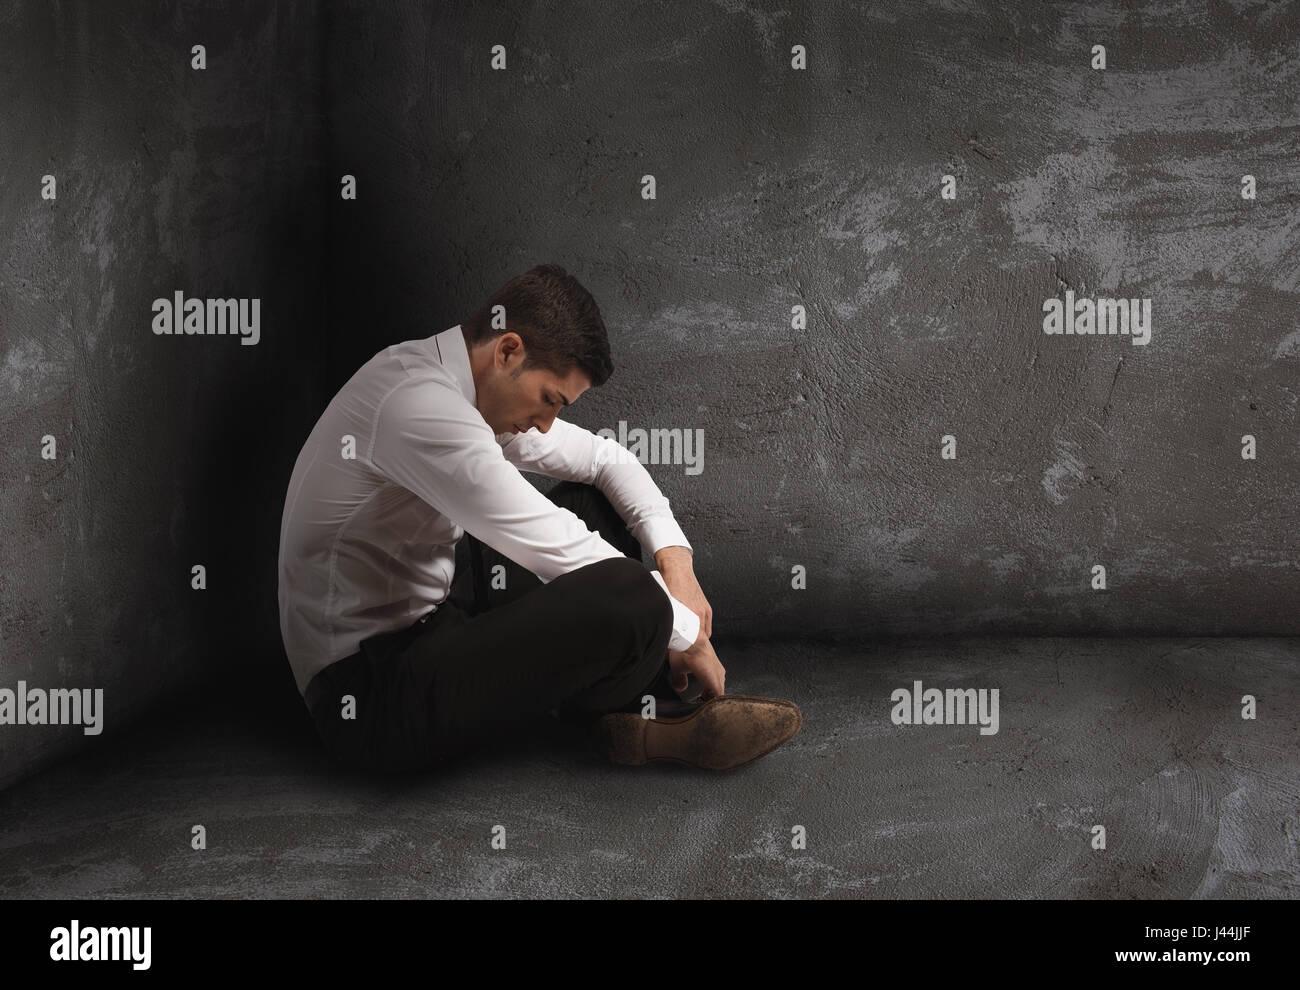 Seul homme désespéré de solitude et d'échec concept. Photo Stock